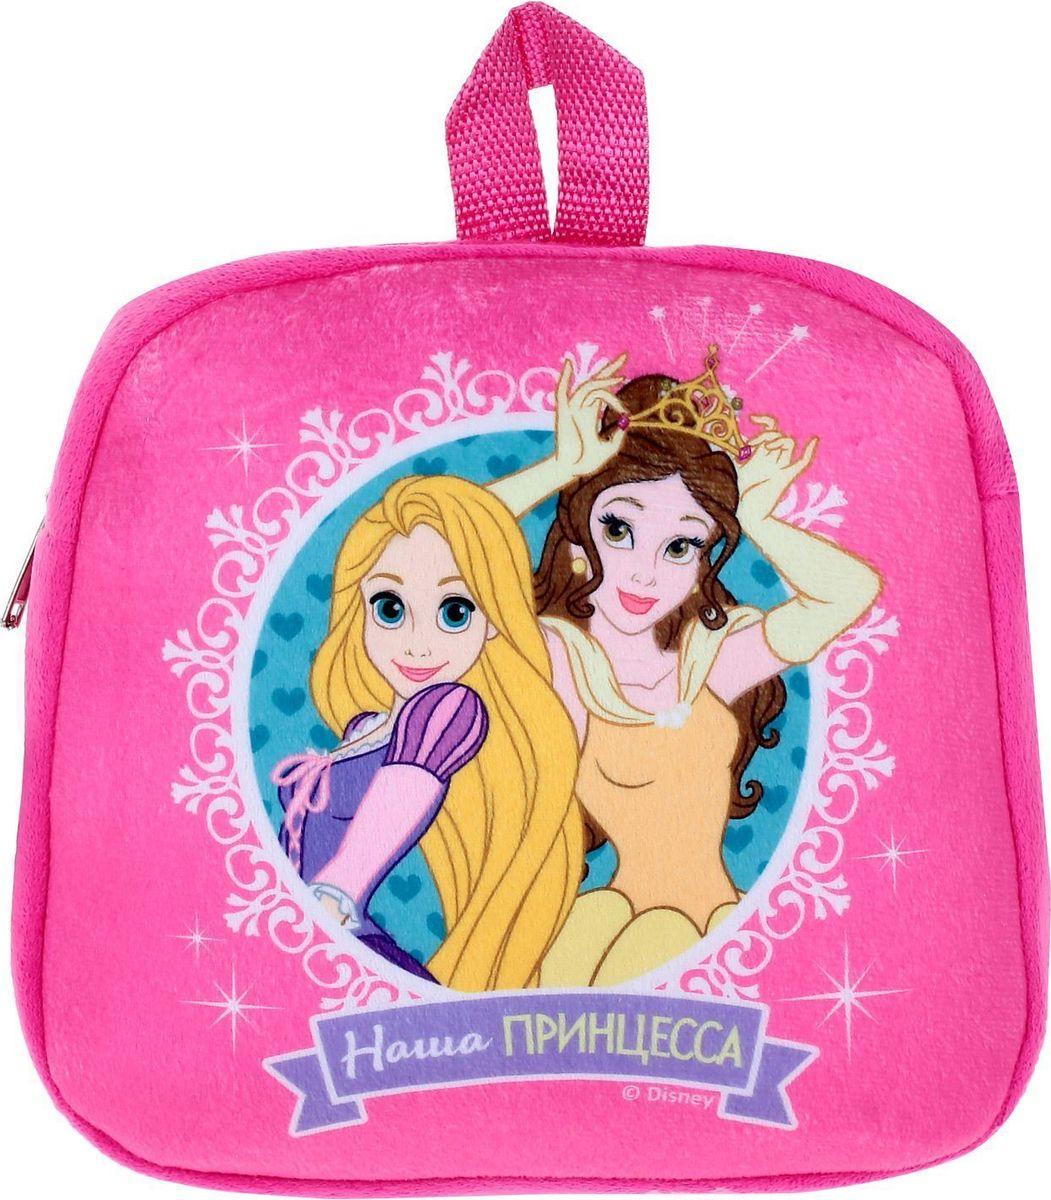 Disney Рюкзак дошкольный Принцессы Наша Принцесса цвет розовый1745528Дети обожают брать с собой игрушки. Для этого отлично подойдет небольшой, но вместительный рюкзачок Disney!Это не просто рюкзак, но и безумно приятная на ощупь игрушка! Изделие изготовлено из качественного мягкого плюша. Молния надежно сохранит все вещи внутри, а регулируемые ремешки сделают время, проведенное с любимым героем, еще комфортнее! Сверху имеется удобная ручка для переноски рюкзака в руке.Шильдик с незаполненным полем, который прилагается к изделию, вы можете использовать как мини-открытку.